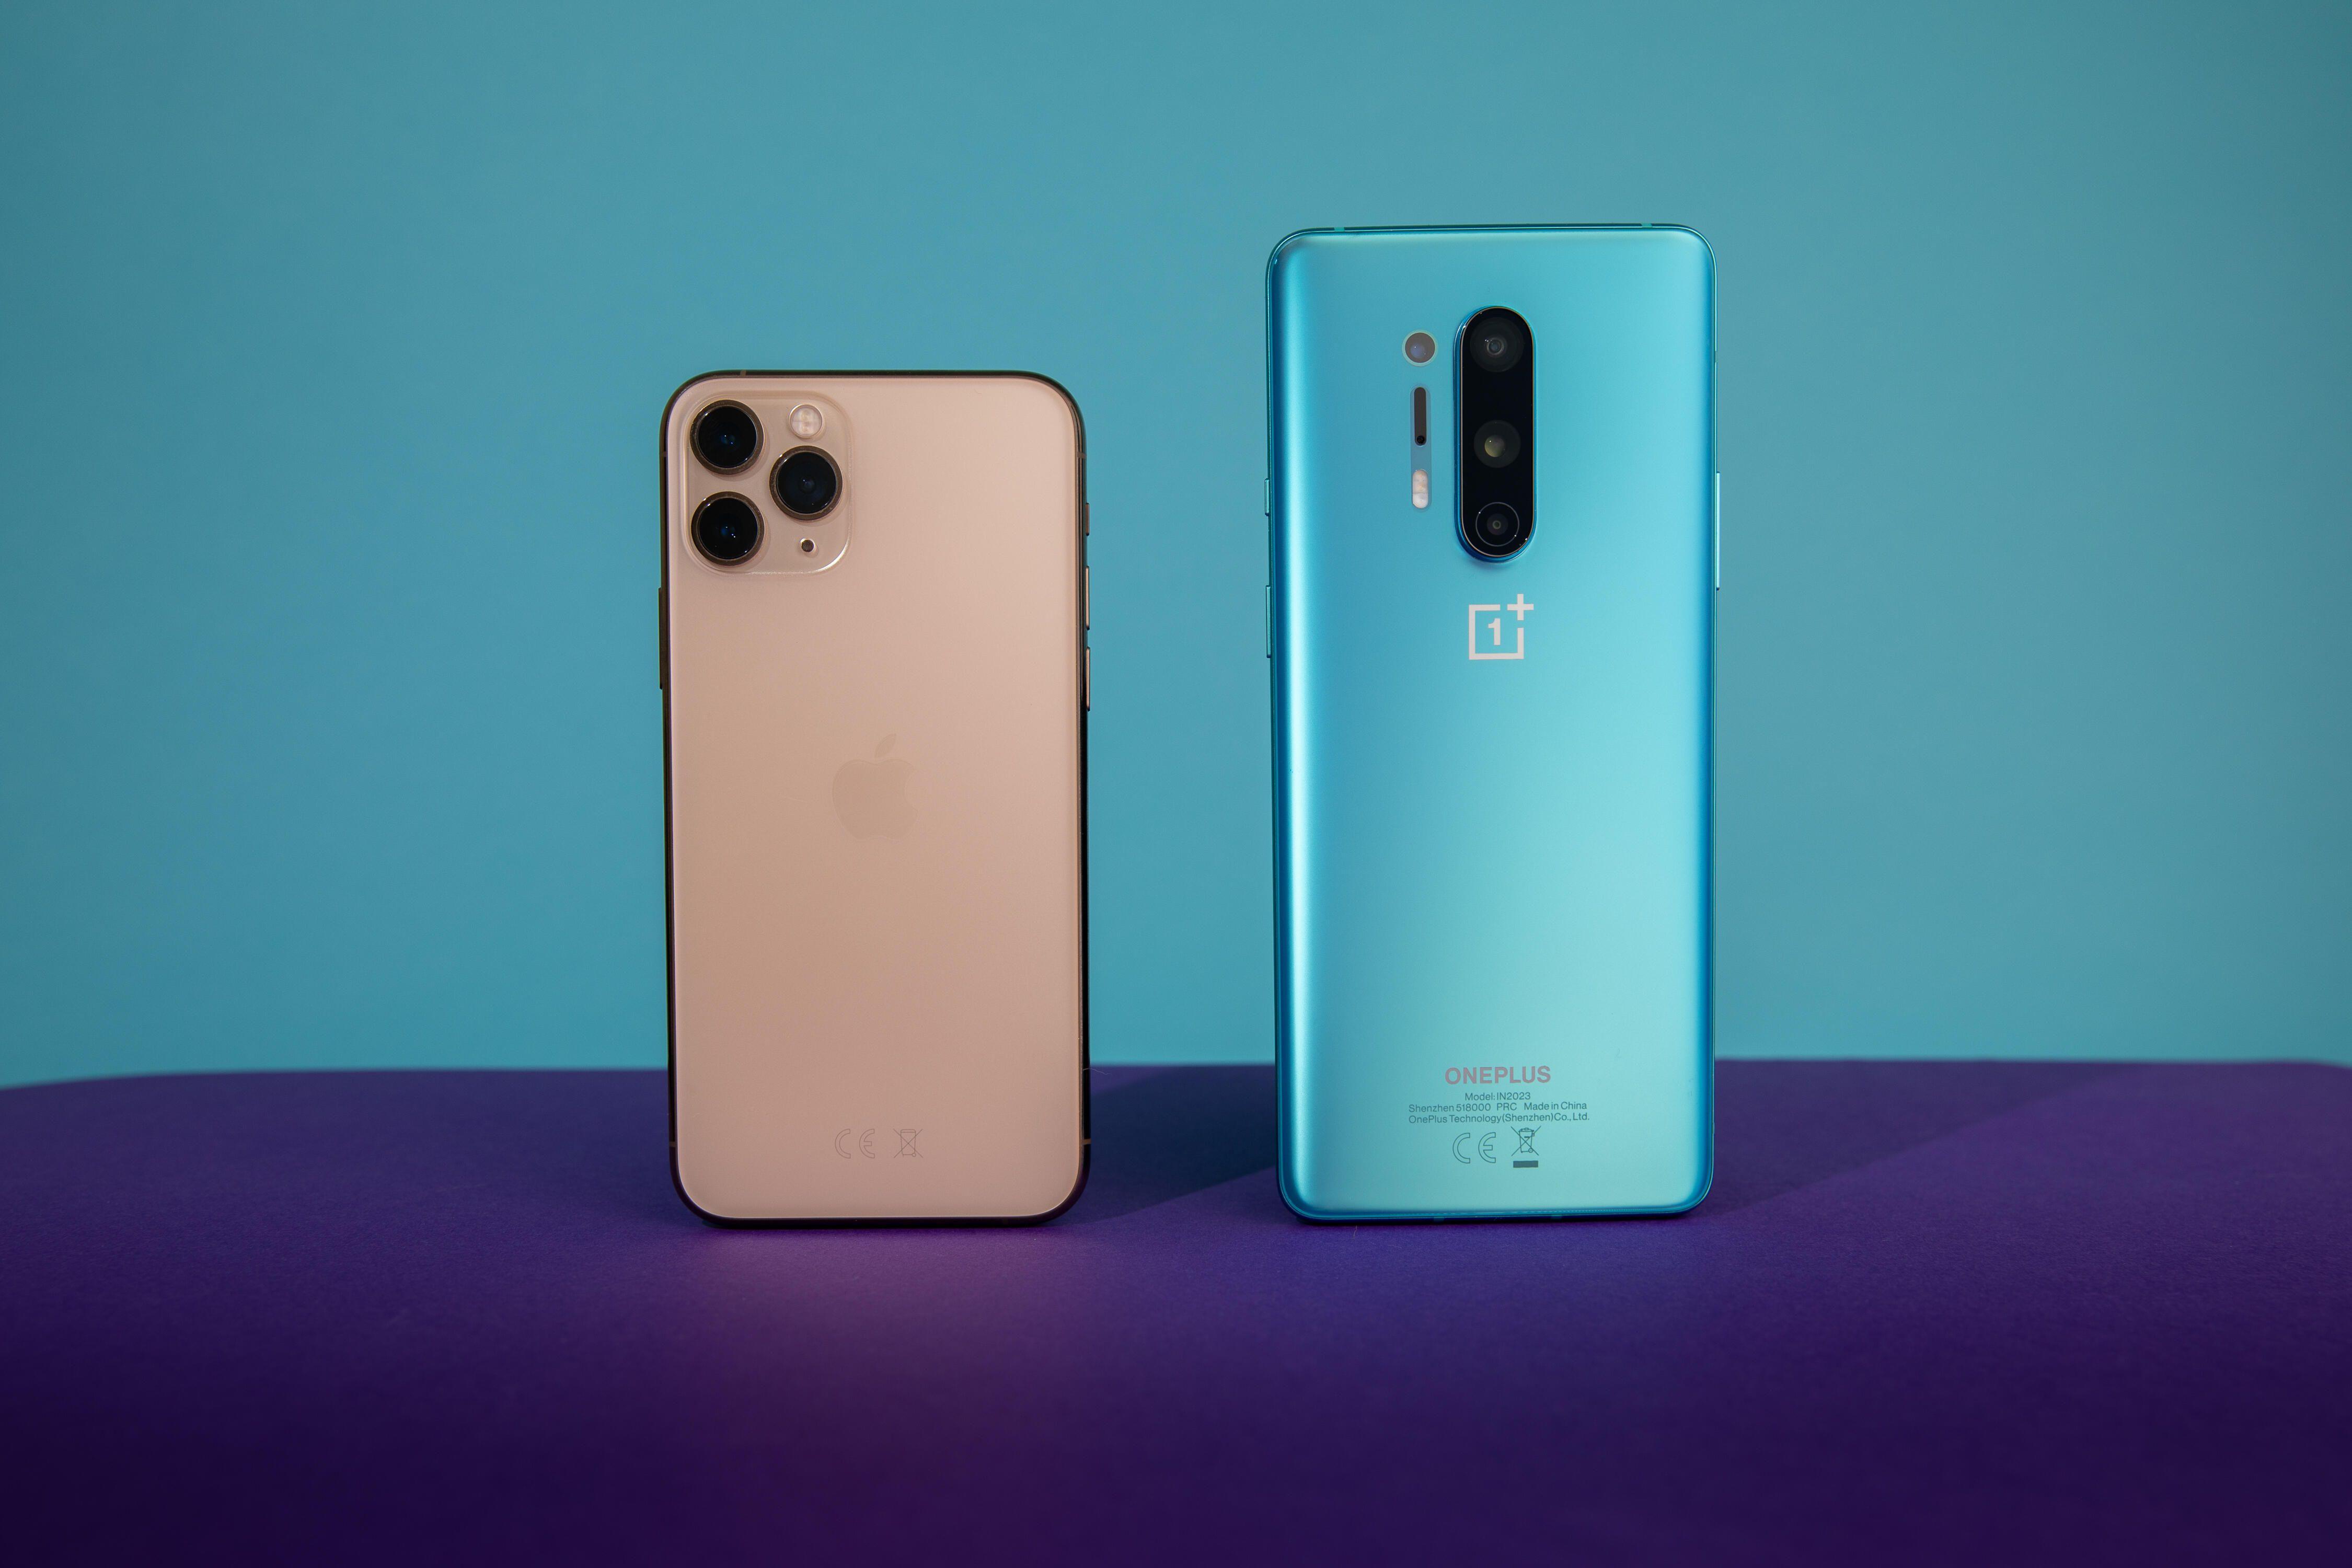 hoyle-promo-iphone-11-pro-oneplus-8-pro